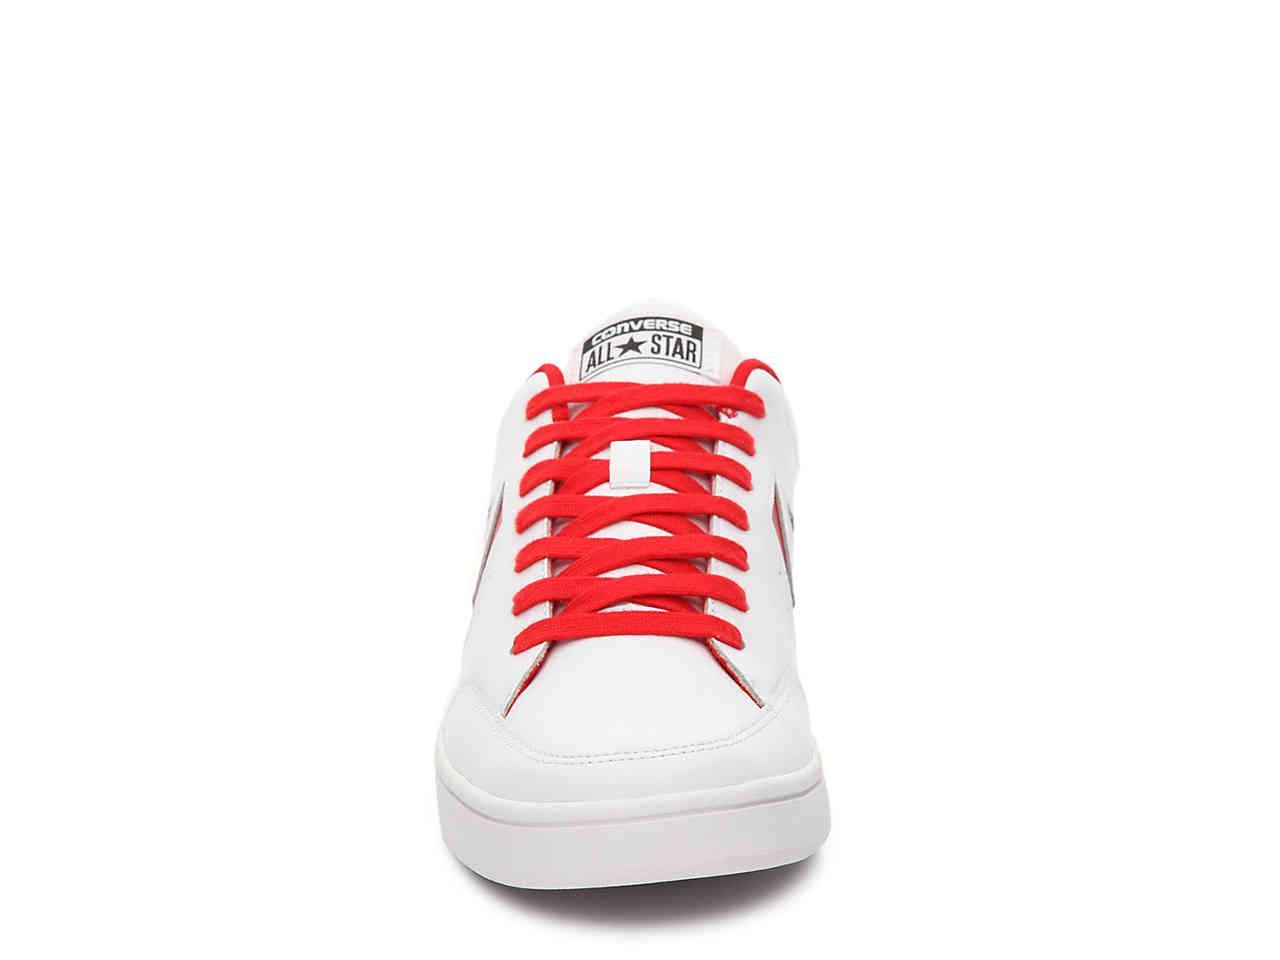 6389ac35b84e ... uk lyst converse star court sneaker in red 0a585 34537